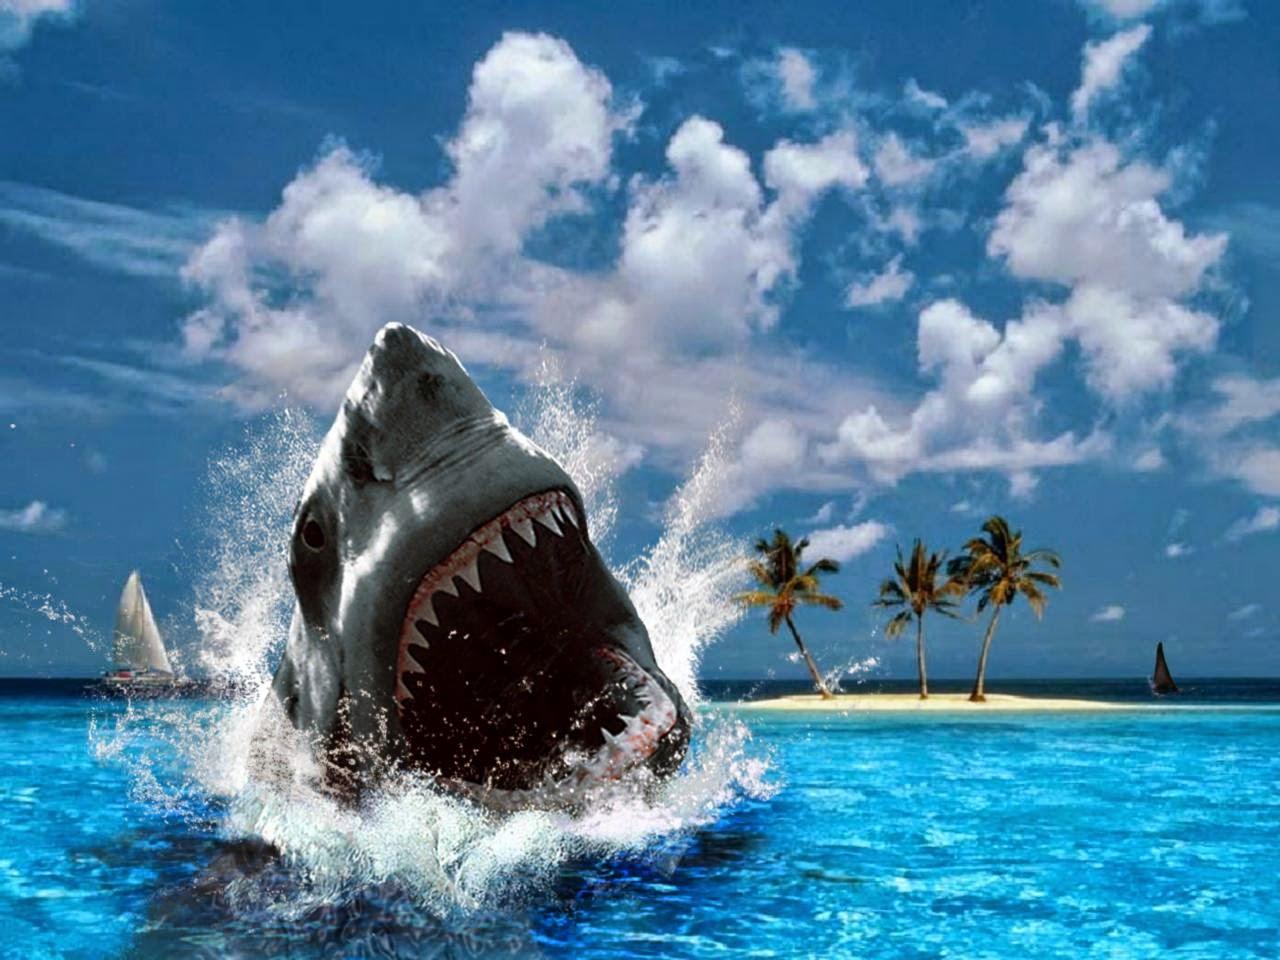 SHARK desktop hd wallpaper